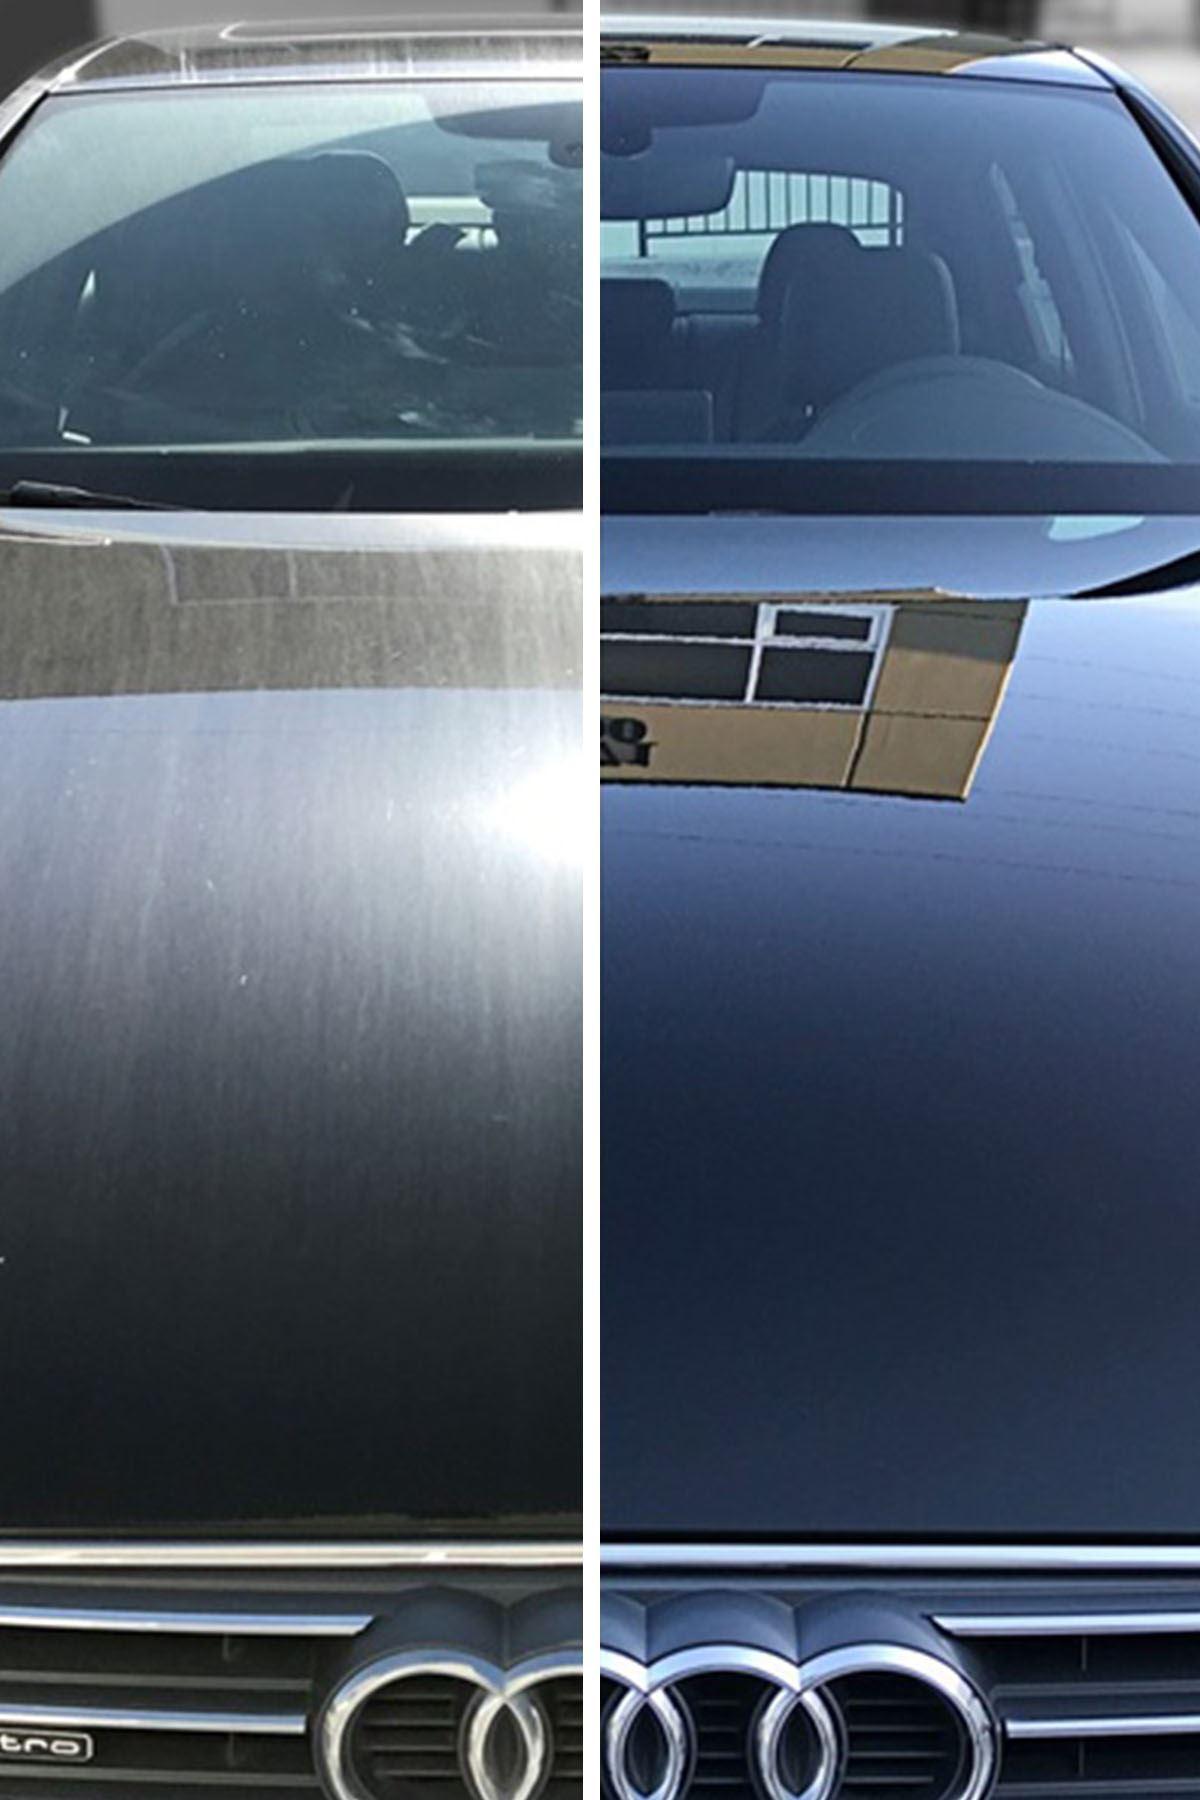 SMX %40 Cilalı Oto Şampuanı (1 LT) SMX Seramik Katkılı Hızlı ve Pratik Cila (1 LT) / SMX Cam Kireç Temizleyici & Kaporta Bezi 40x40